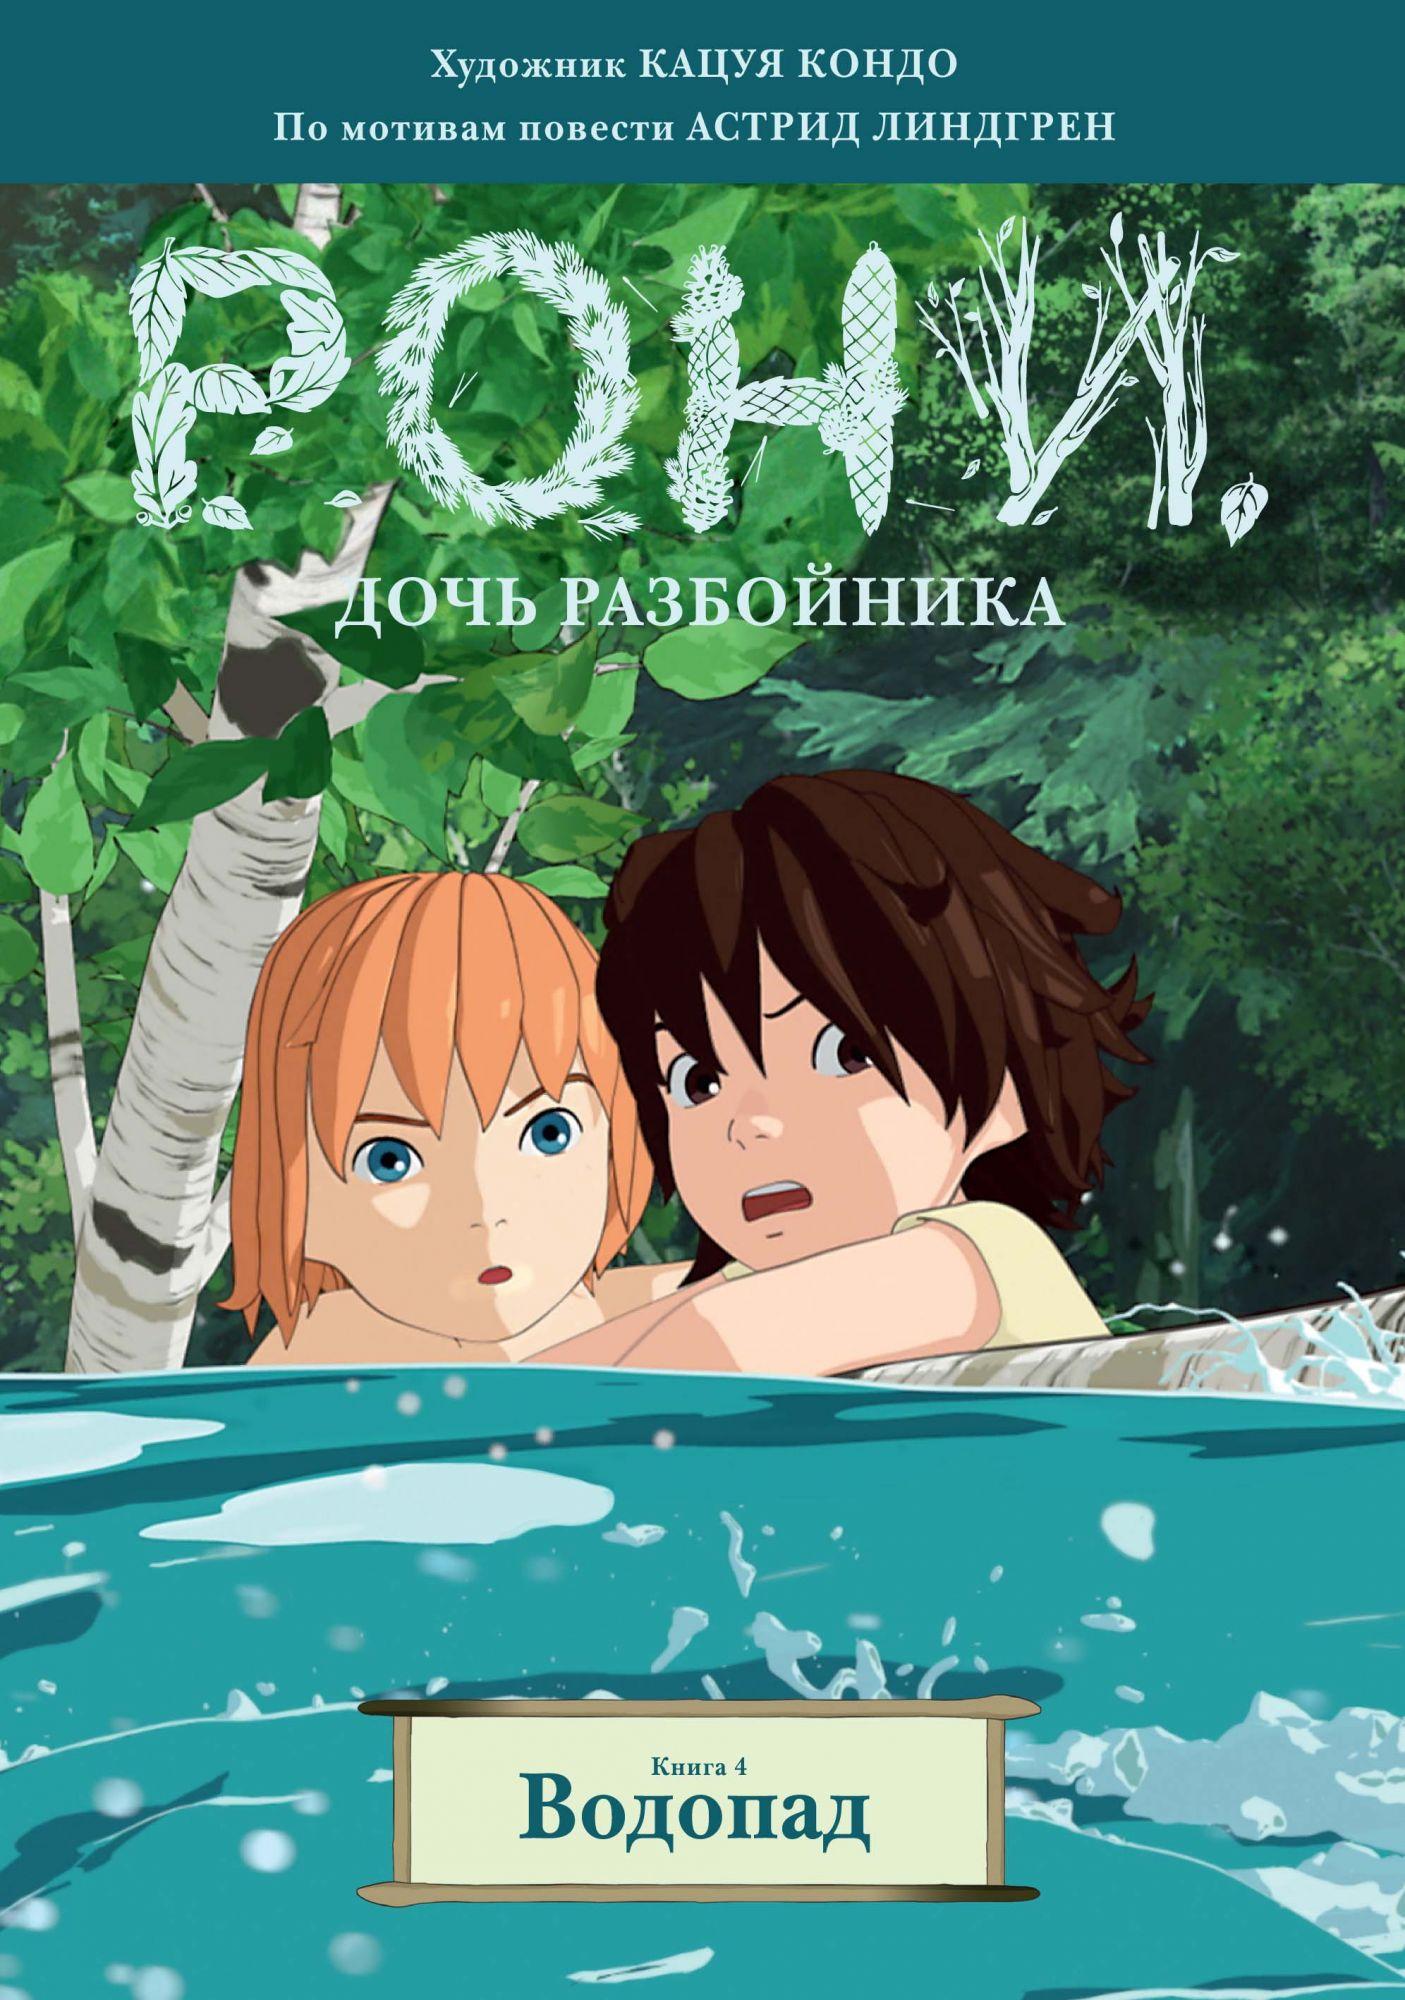 Купить Книжка Рони, Дочь Разбойника. книга 4. Водопад (Комиксы), Махаон, Комиксы для детей